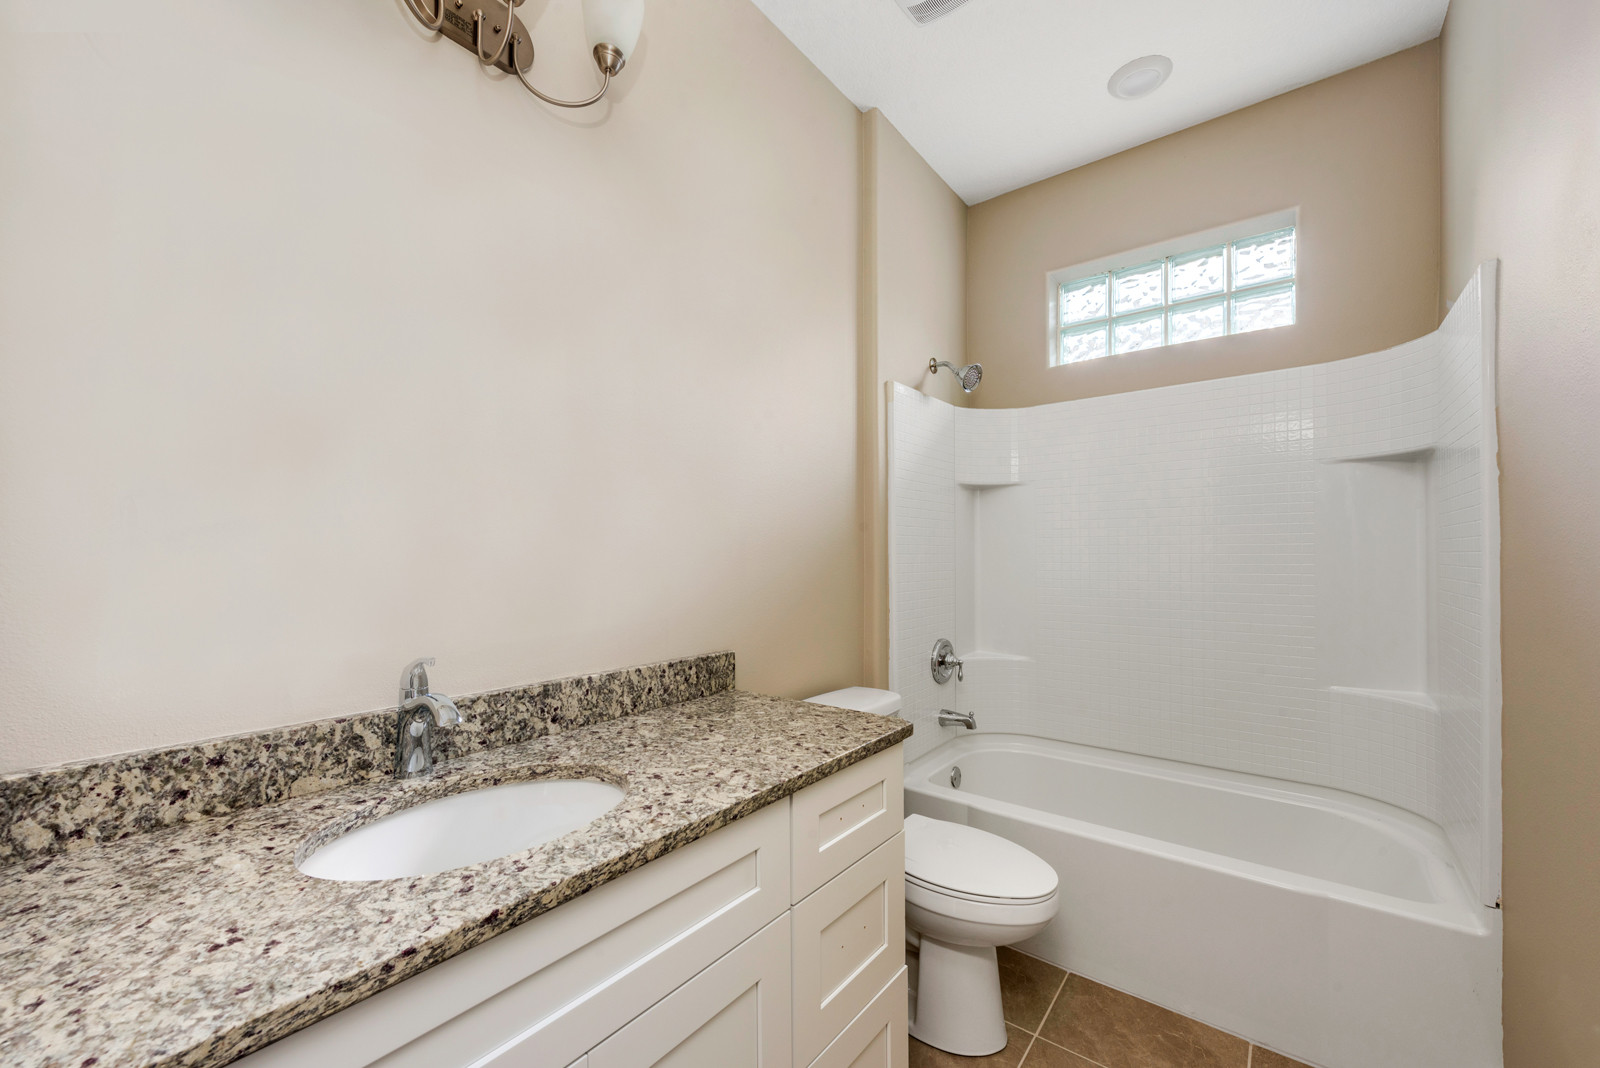 Guest Bathroom - Eleven Oaks - Laurel Oak Floor Plan